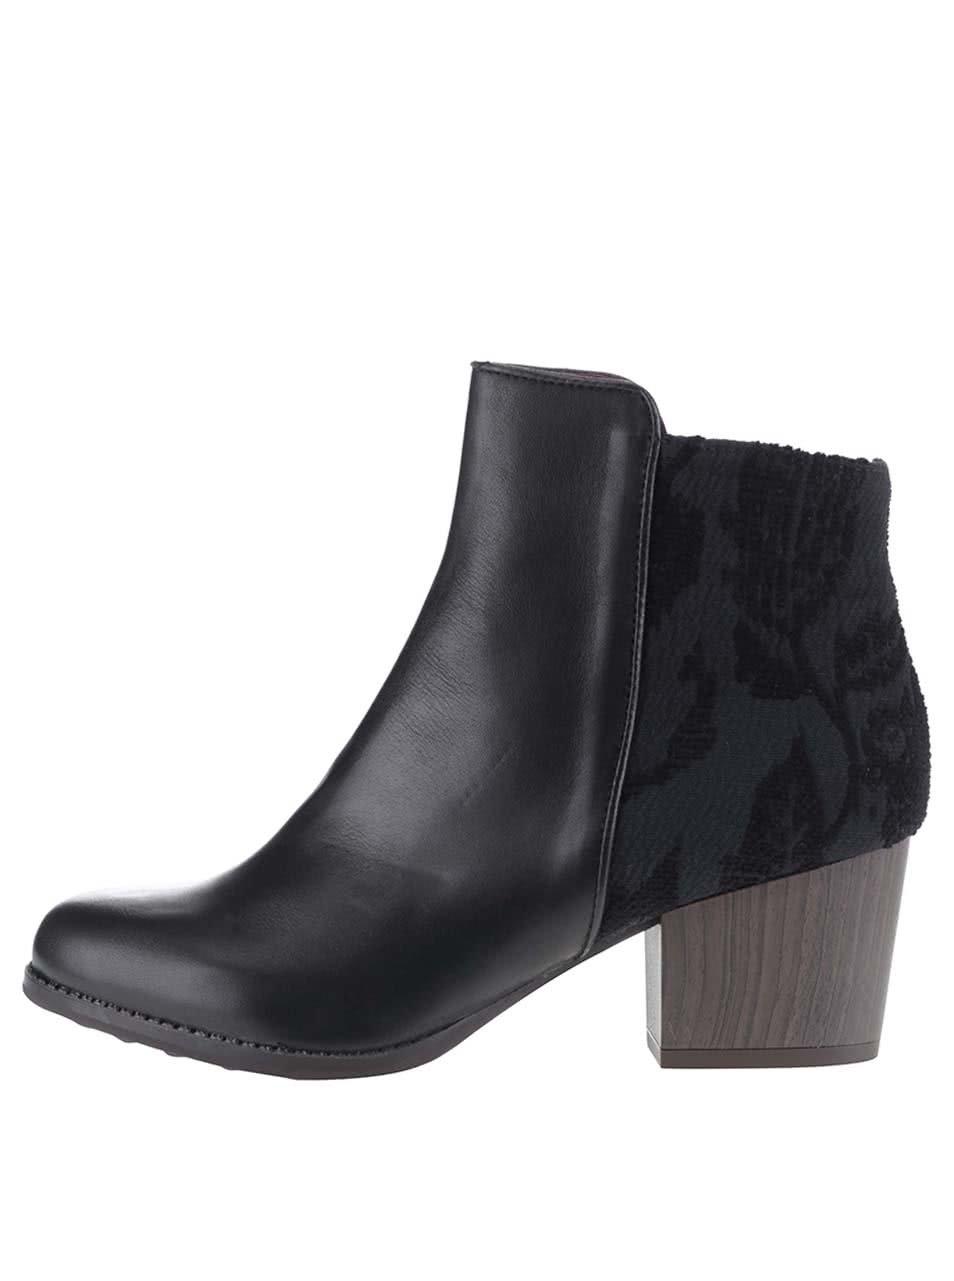 Černé kotníkové boty na podpatku Desigual Country